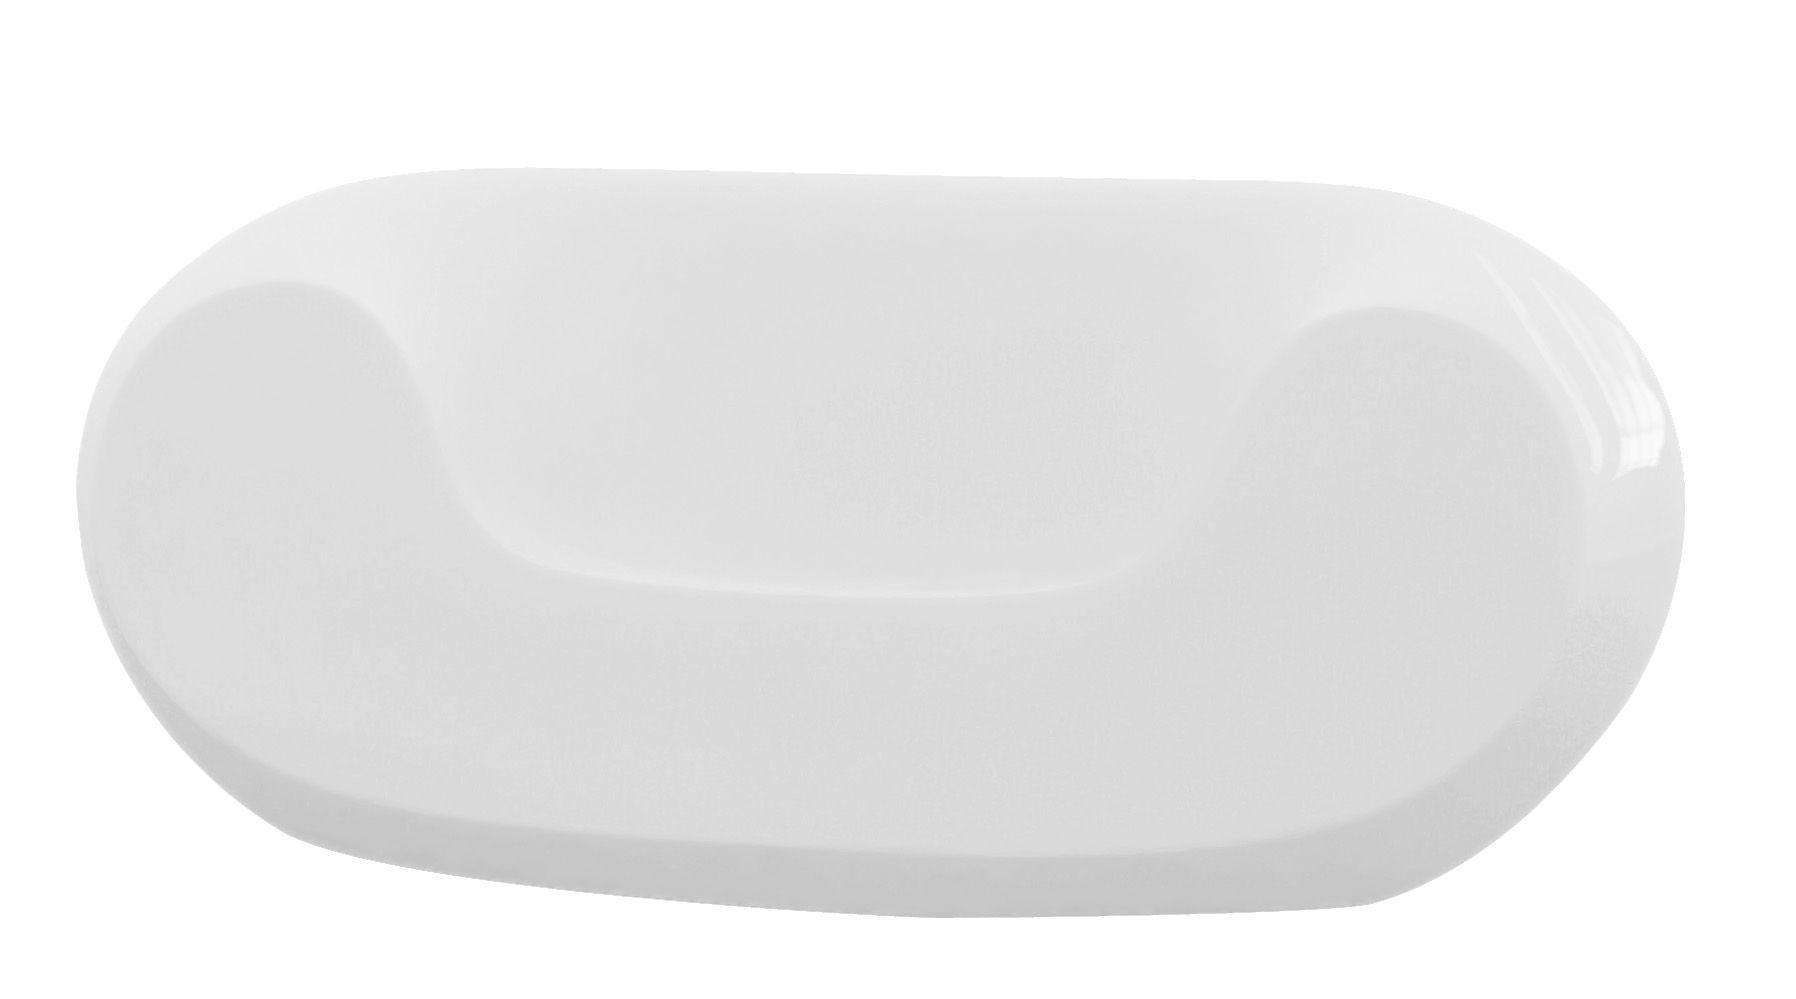 Mobilier - Mobilier Ados - Fauteuil bas Chubby version laquée - Slide - Laqué blanc - Polyéthylène recyclable laqué